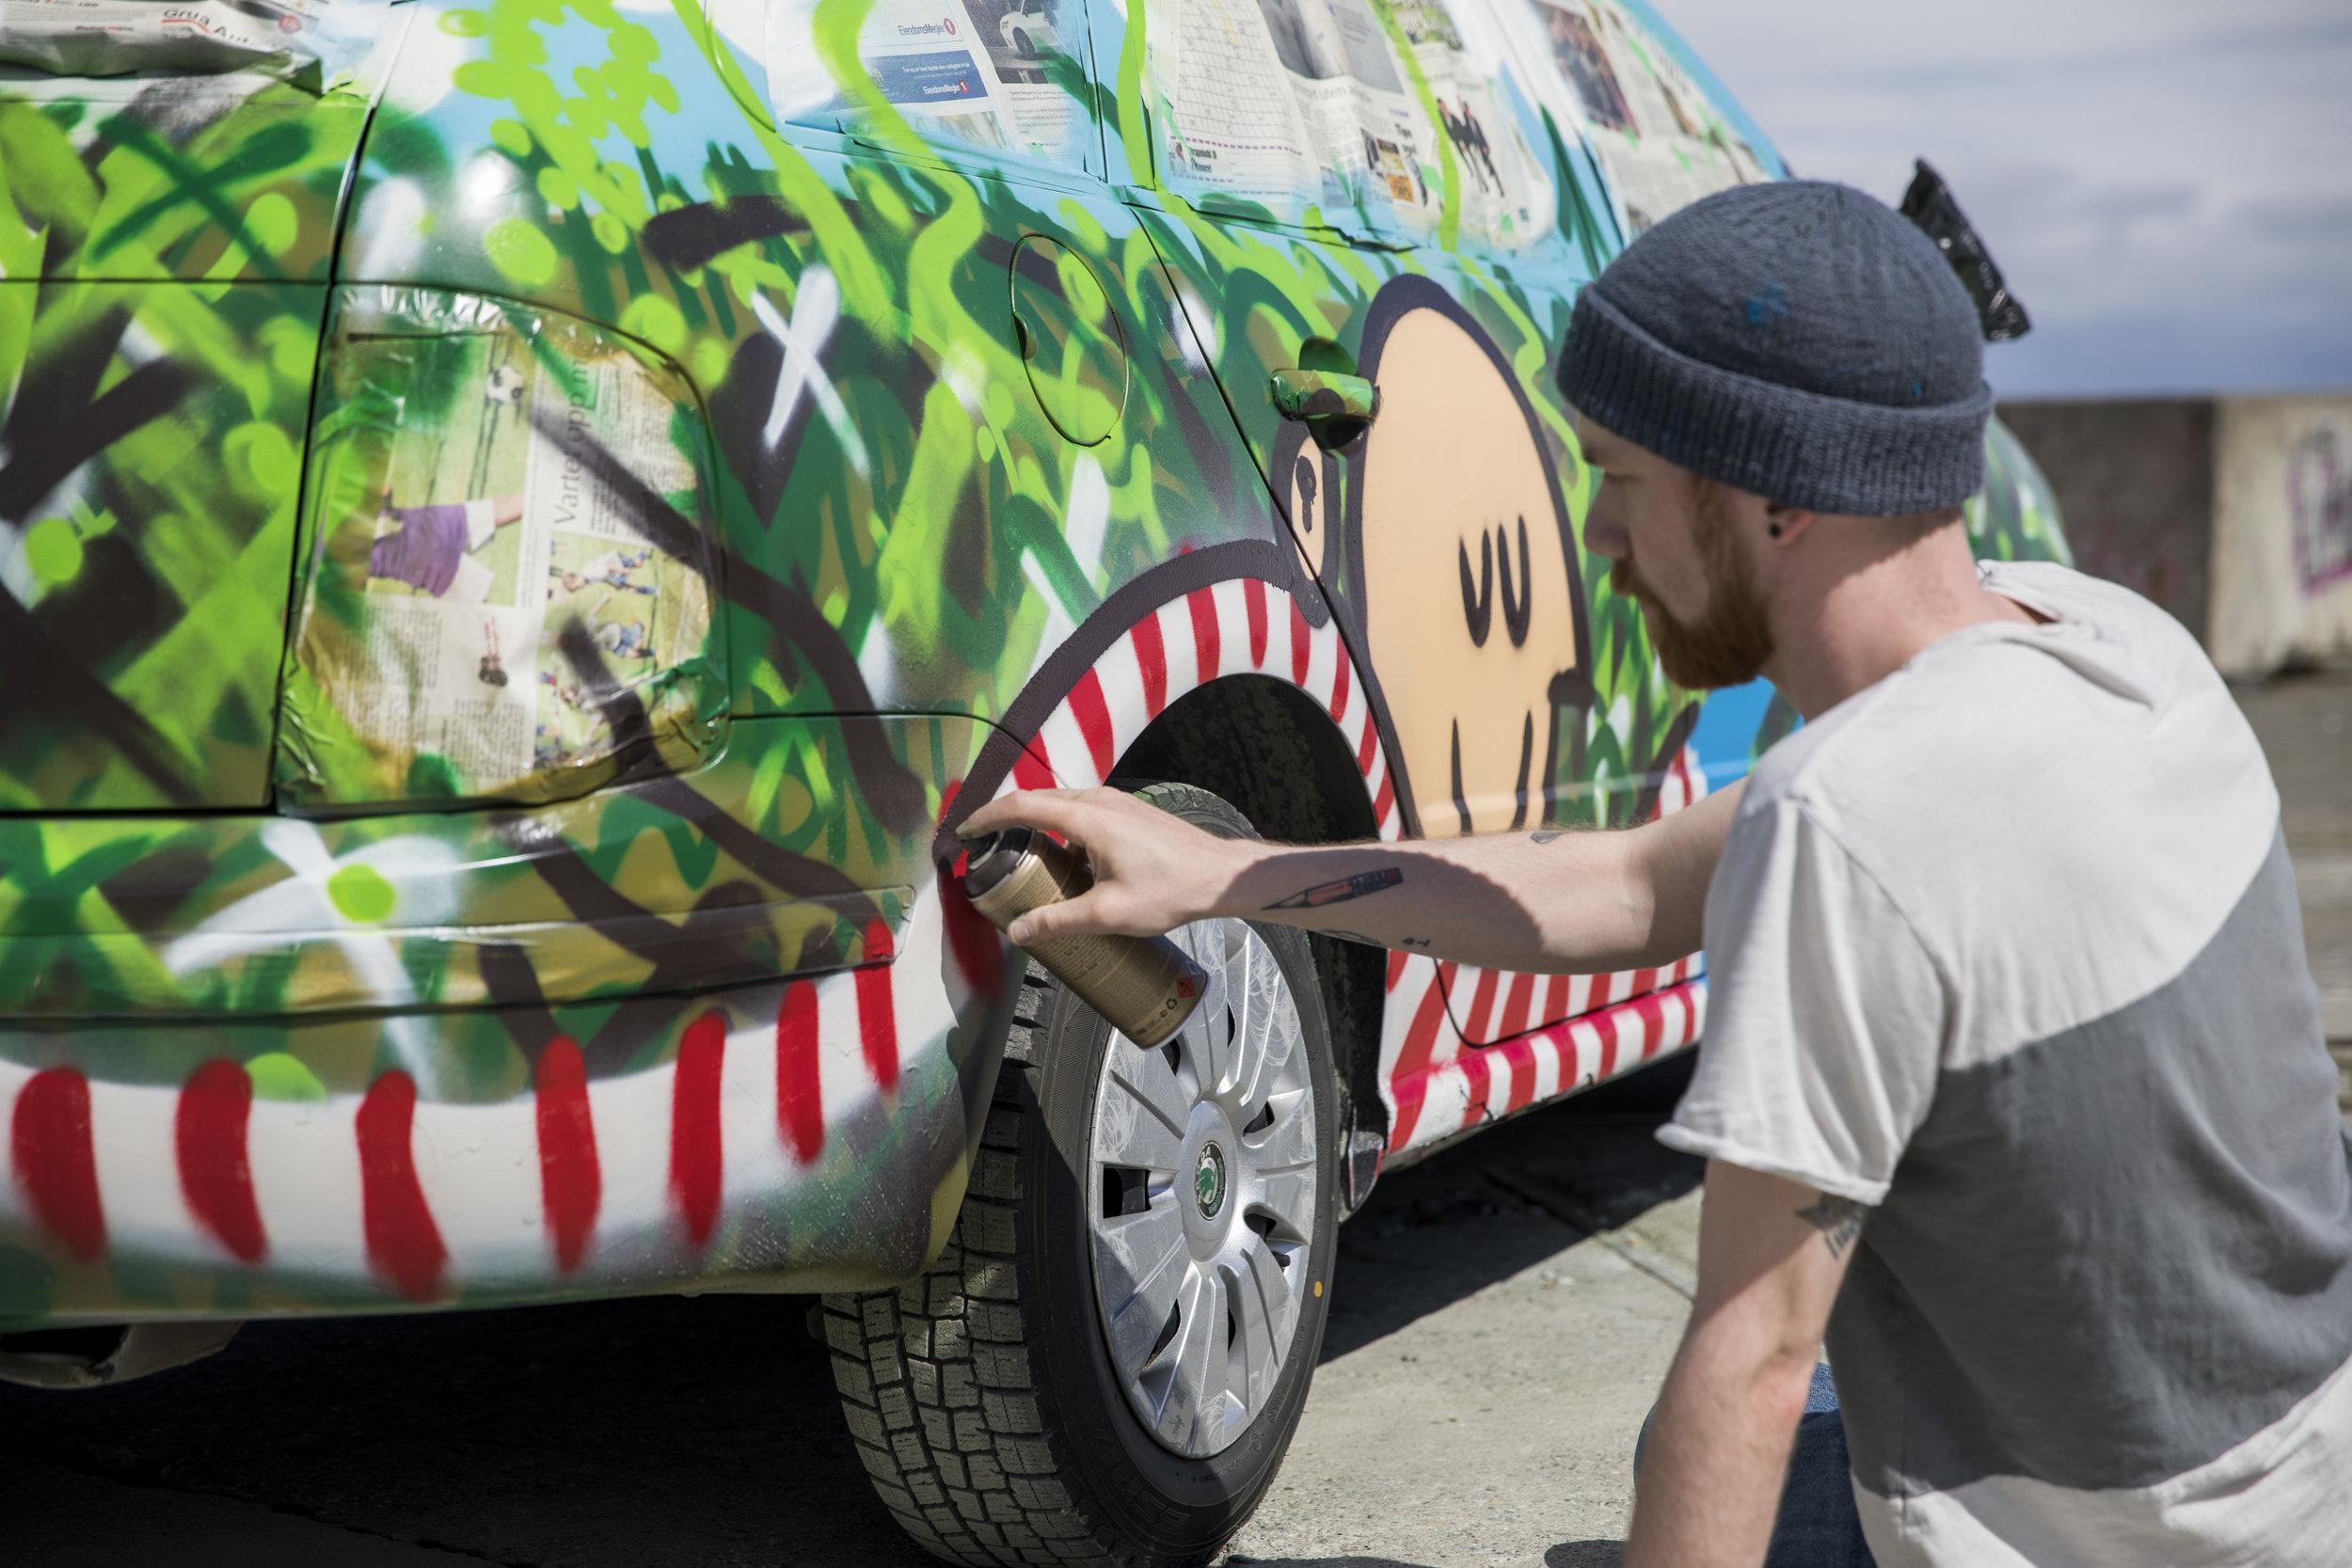 Å male rett på bil ga mersmak. (hint)